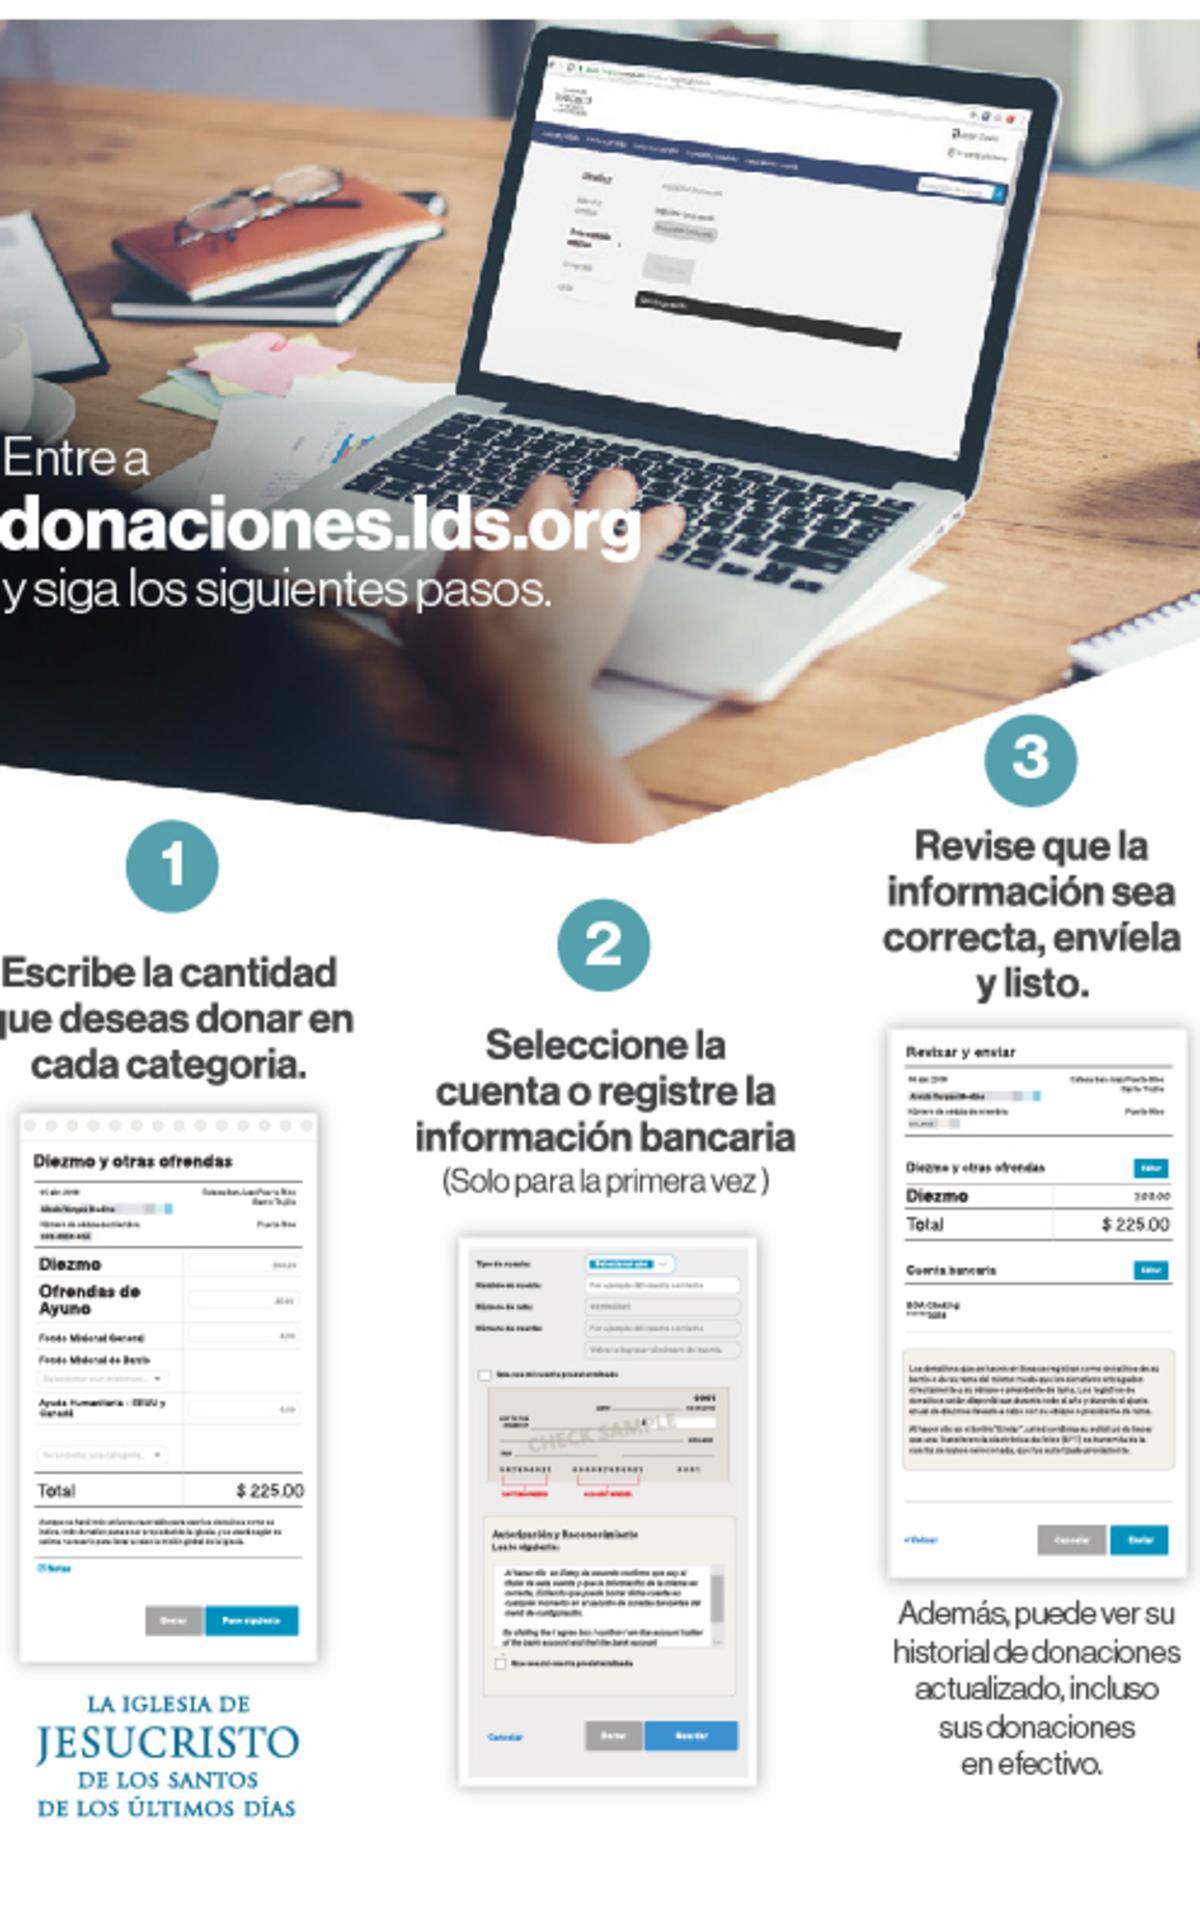 Flyer-Donaciones-en-Linea4.jpg